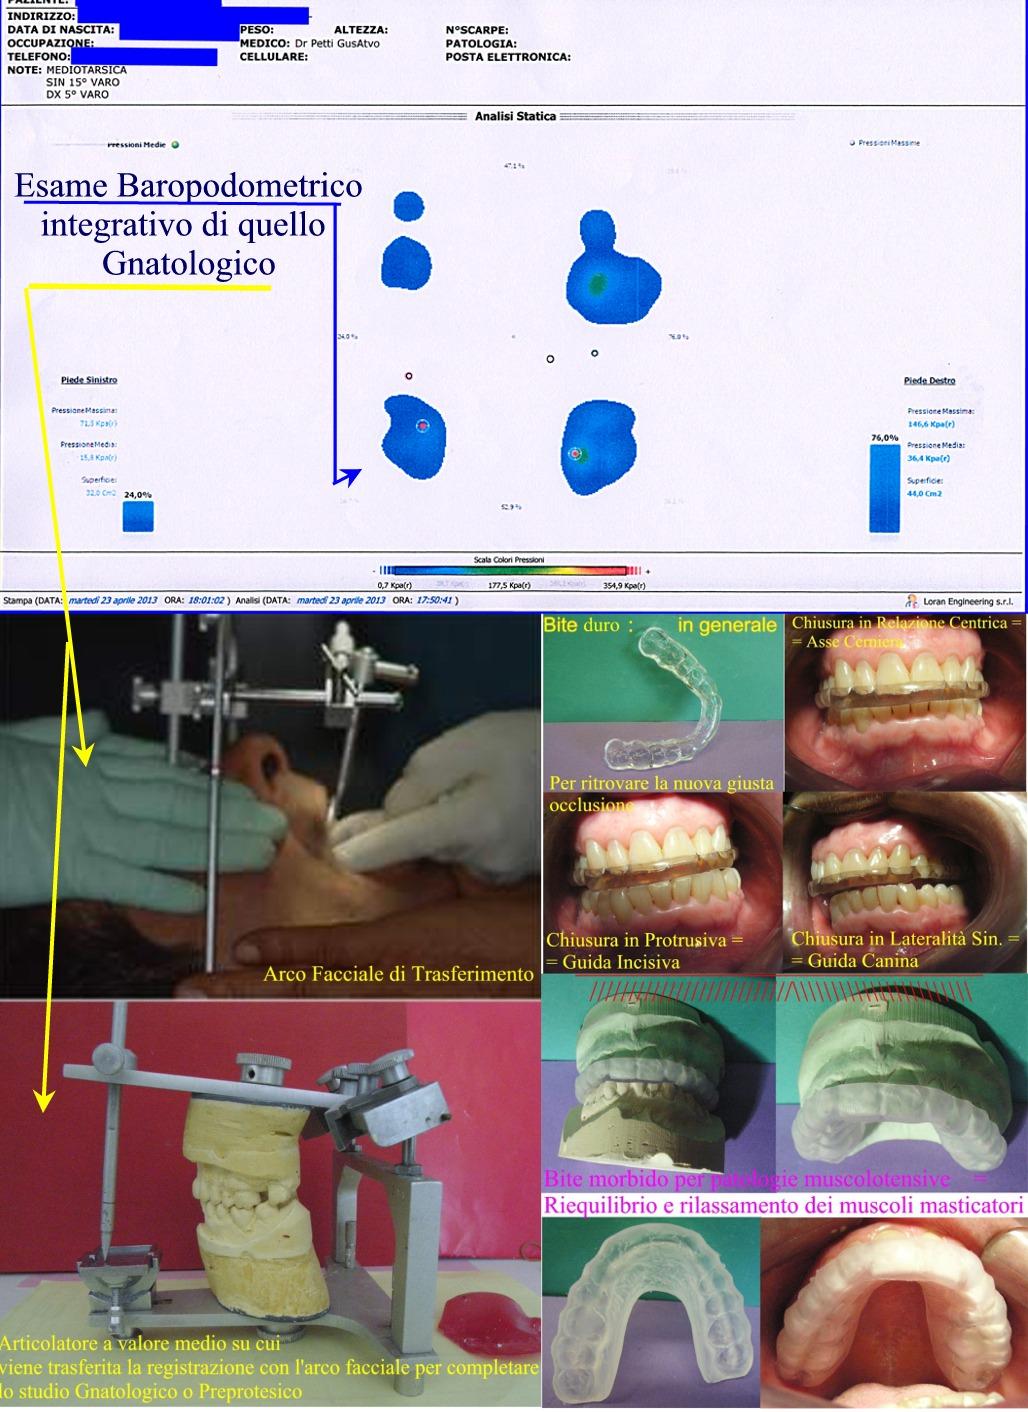 Arco Facciale e diversi tipi di Bite e Esame computerizzato stabilometrico come alcuni esempi di valutazioni nello Studio Gnatologico. Da casistica del Dr. Gustavo Petti Parodontologo Gnatologo di Cagliari